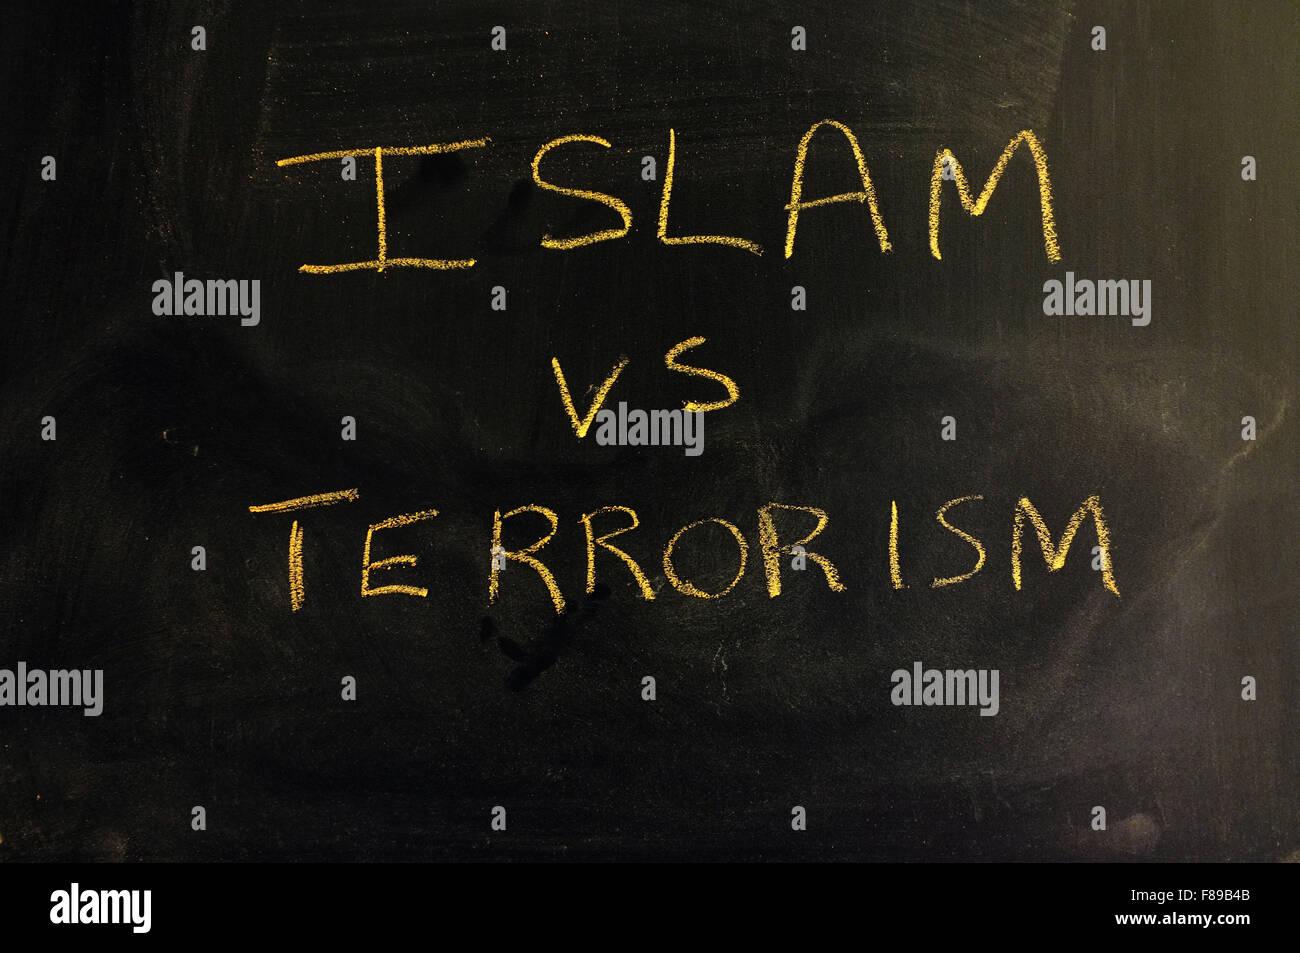 Islam vs Terrorism written on a blackboard in chalk. - Stock Image